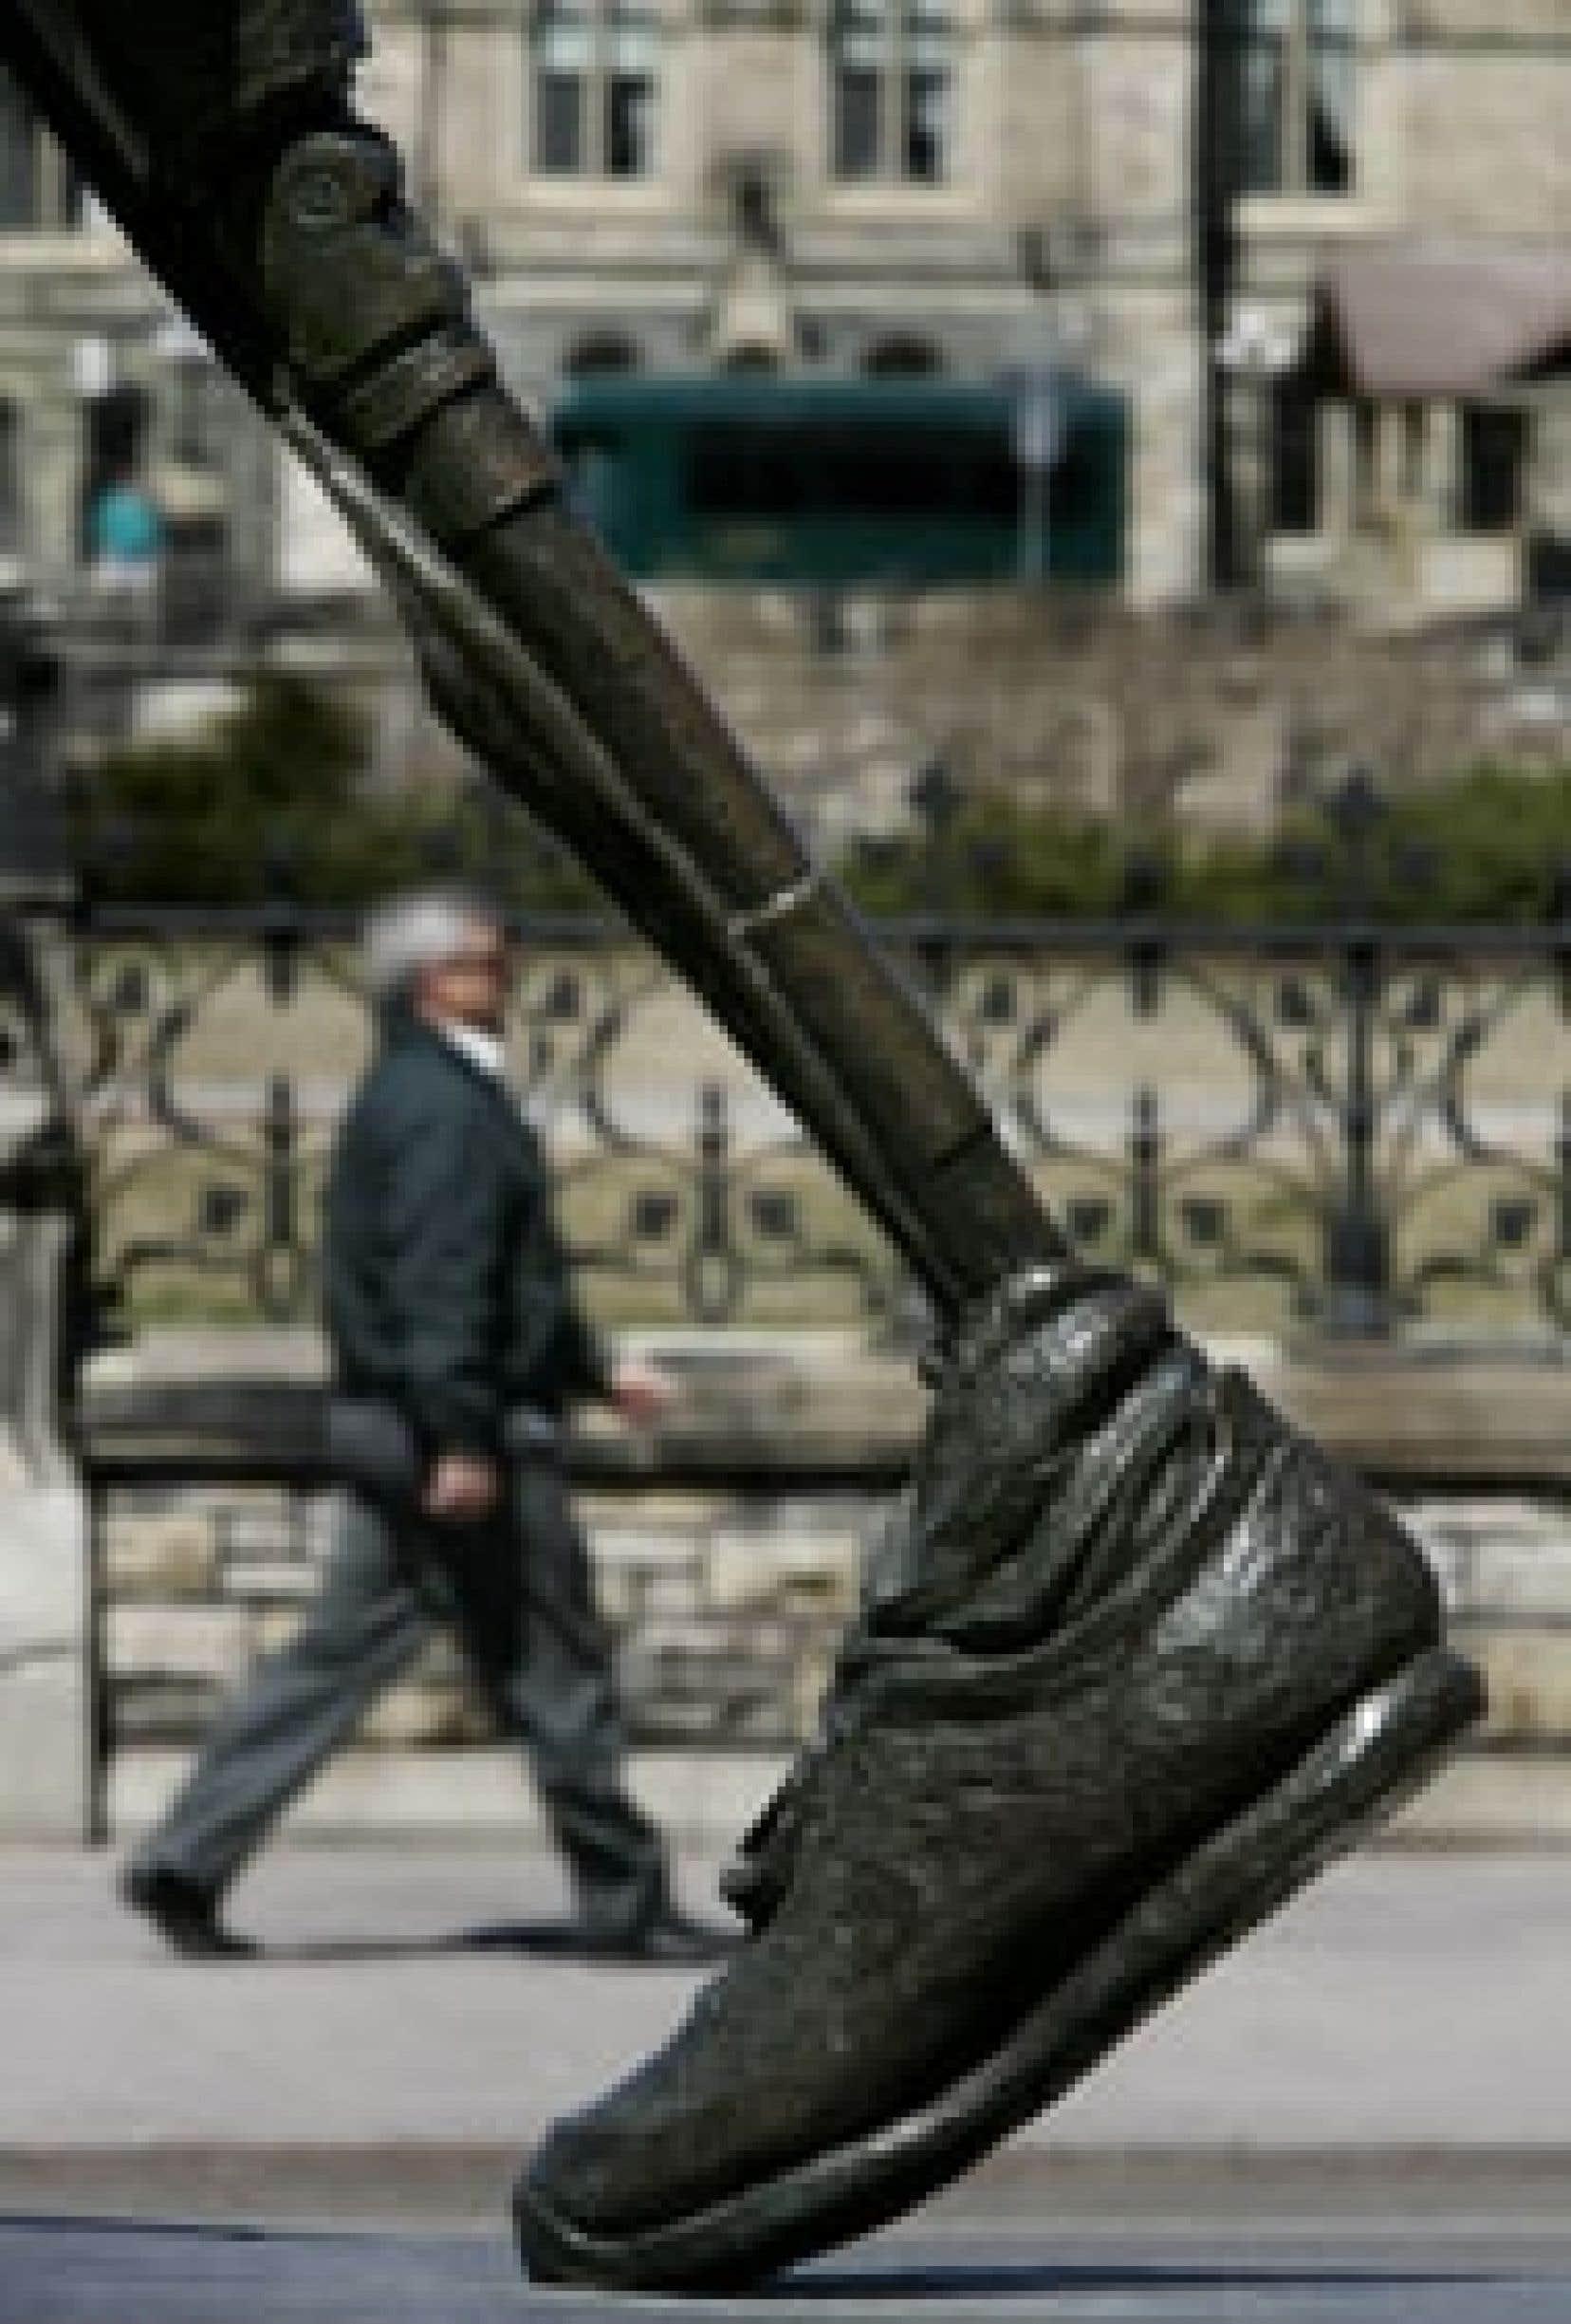 Un homme marche devant une statue édifiée en l'honneur de Terry Fox.